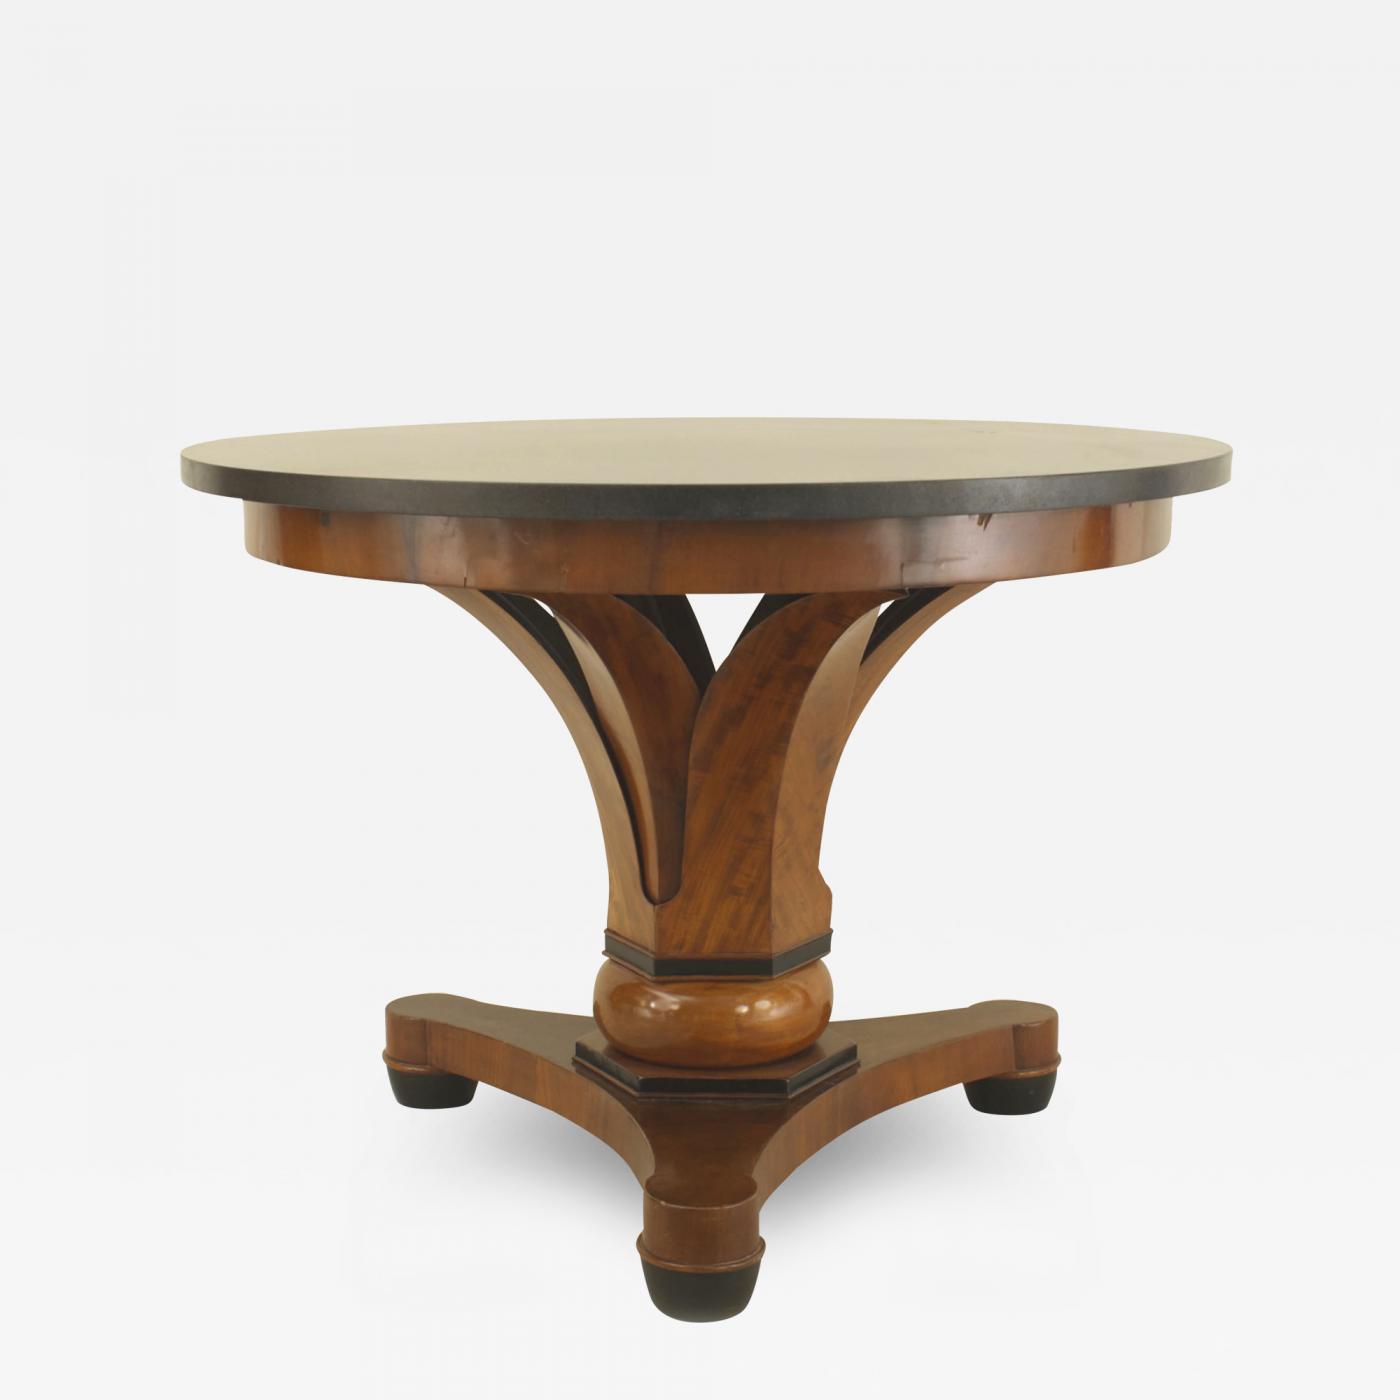 austrian biedermeier mahogany and black marble center table